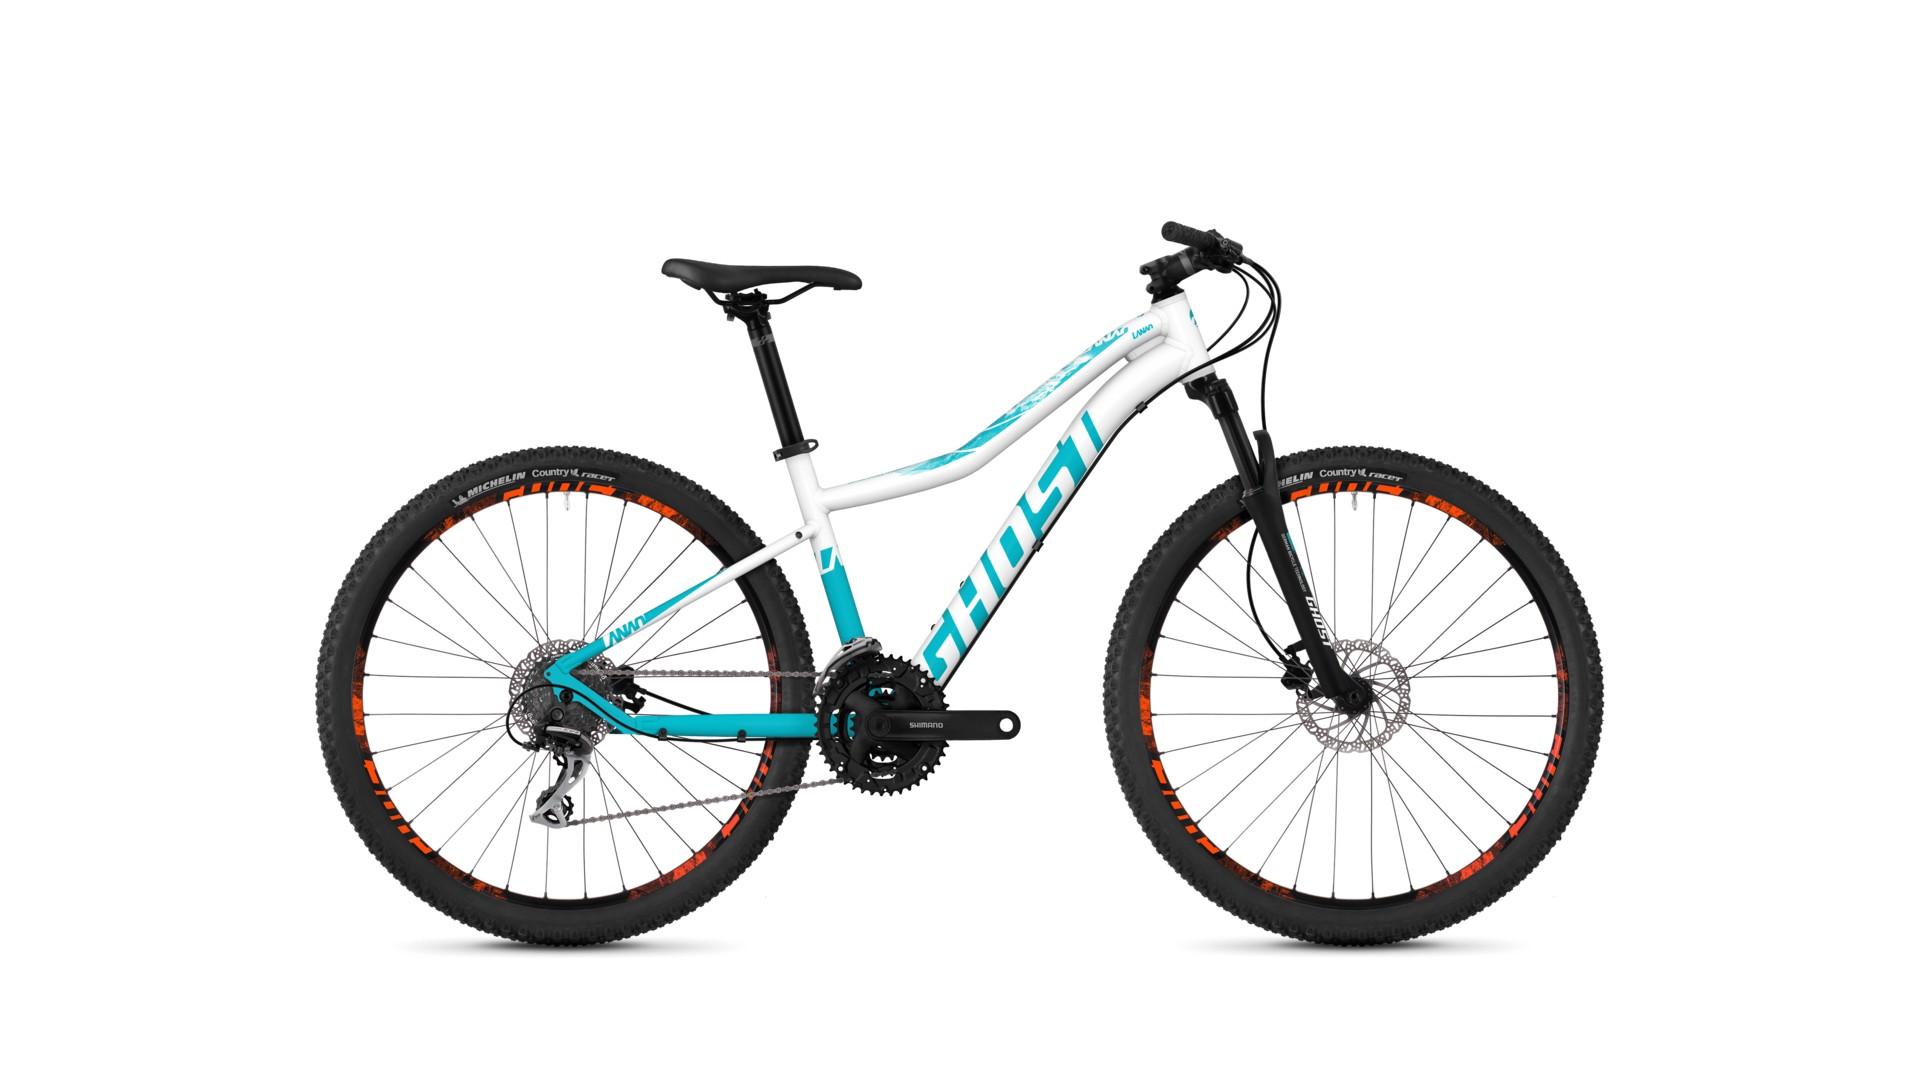 Велосипед GHOST Lanao 2.7 AL W starwhite/electricblue/neonorange год 2018